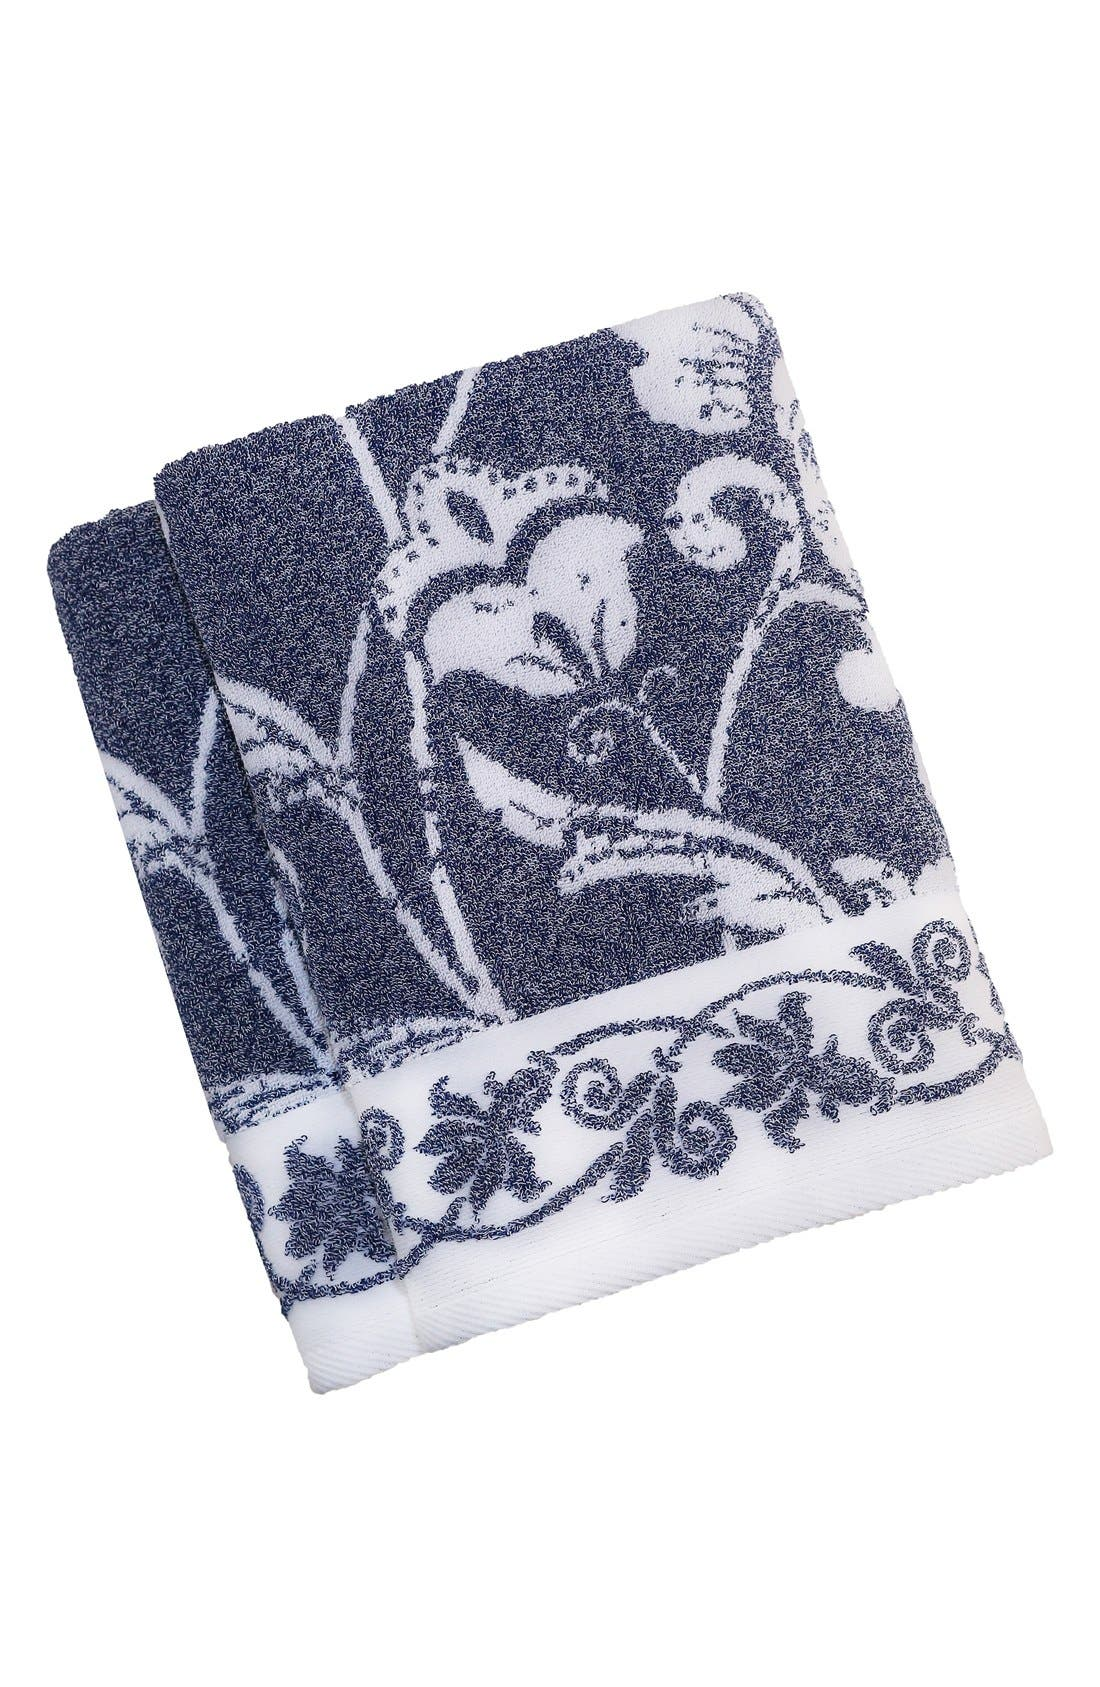 Linum 'Penelope' Turkish Cotton Bath Towels,                         Main,                         color, OCEAN BLUE